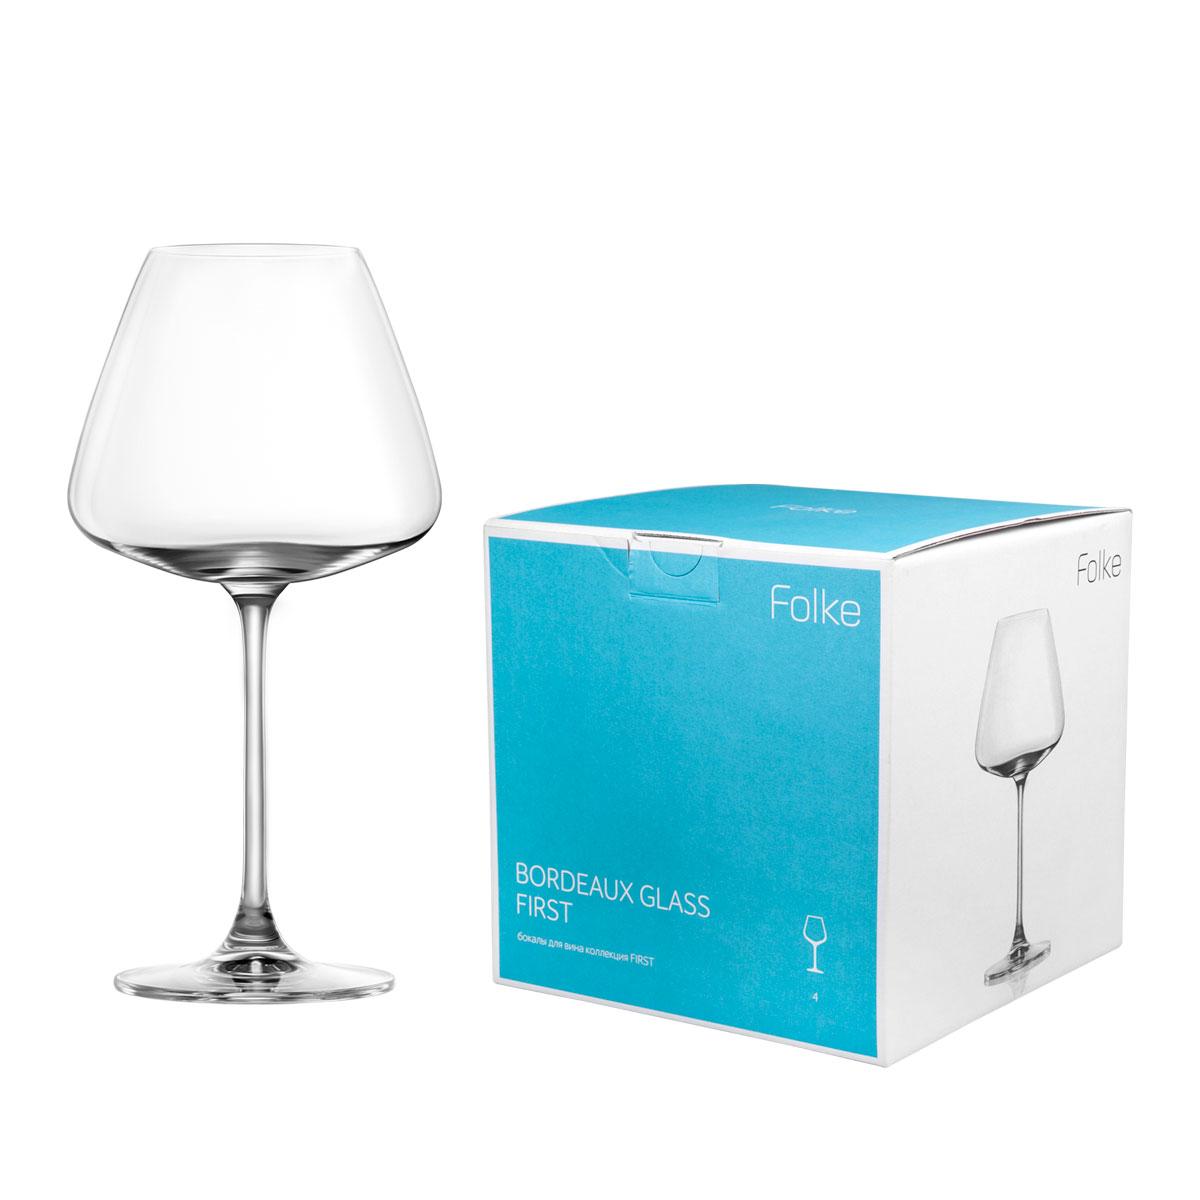 Набор бокалов для вина Folke Bordeux Glass, 590 мл, 4 предмета. 2007171UVT-1520(SR)Коллекция First- это бокалы из бессвинцового хрусталя высшего качества. Наша продукция отличается исключительной чистотой и повышенной устойчивостью к механическим повреждениям. Улучшенные характеристики изделий позволяют использовать их повседневно в домашних условиях и в ресторанном бизнесе. Оригинальный дизайн позволяет любому напитку полностью раскрыться и заиграть новыми красками. Это поистине уникальное творение современных технологий и многолетнего опыта лучших мировых сомелье.